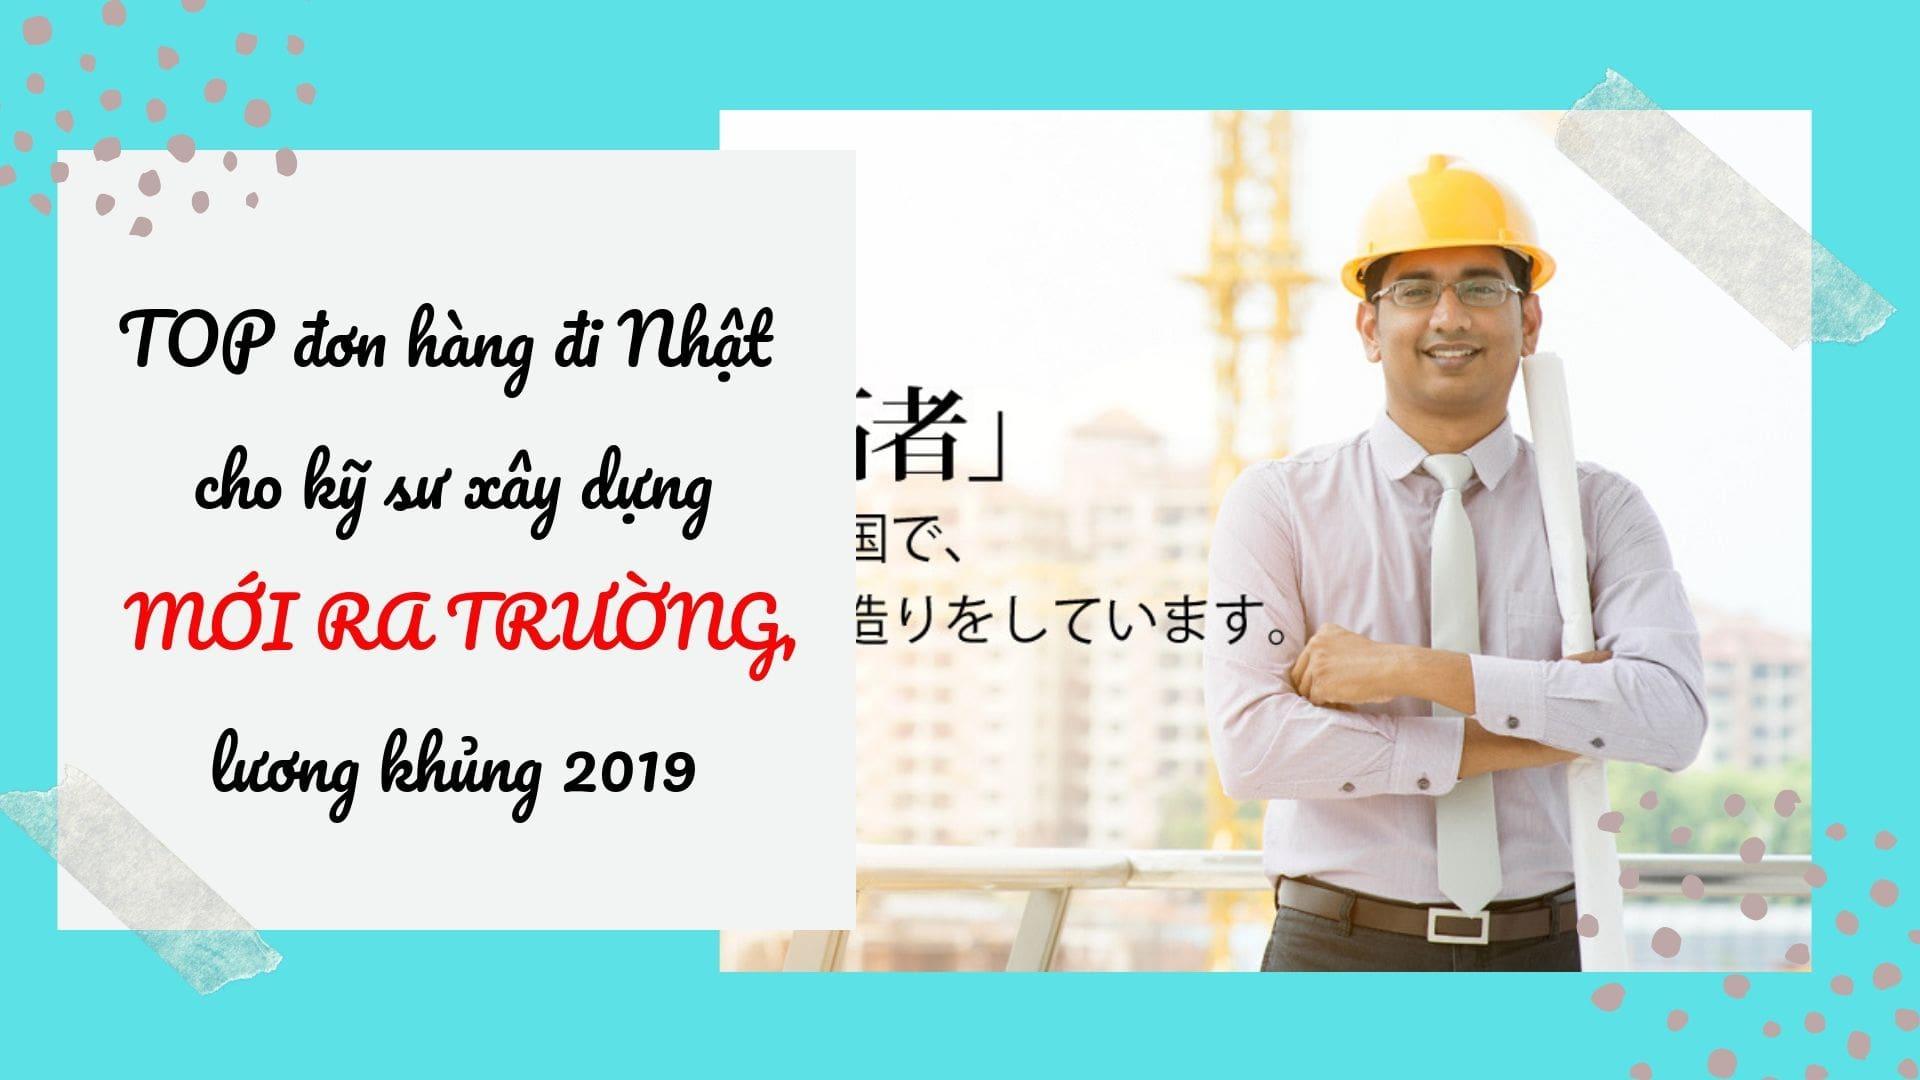 TOP đơn hàng đi Nhật cho kỹ sư xây dựng MỚI RA TRƯỜNG, lương khủng 2021